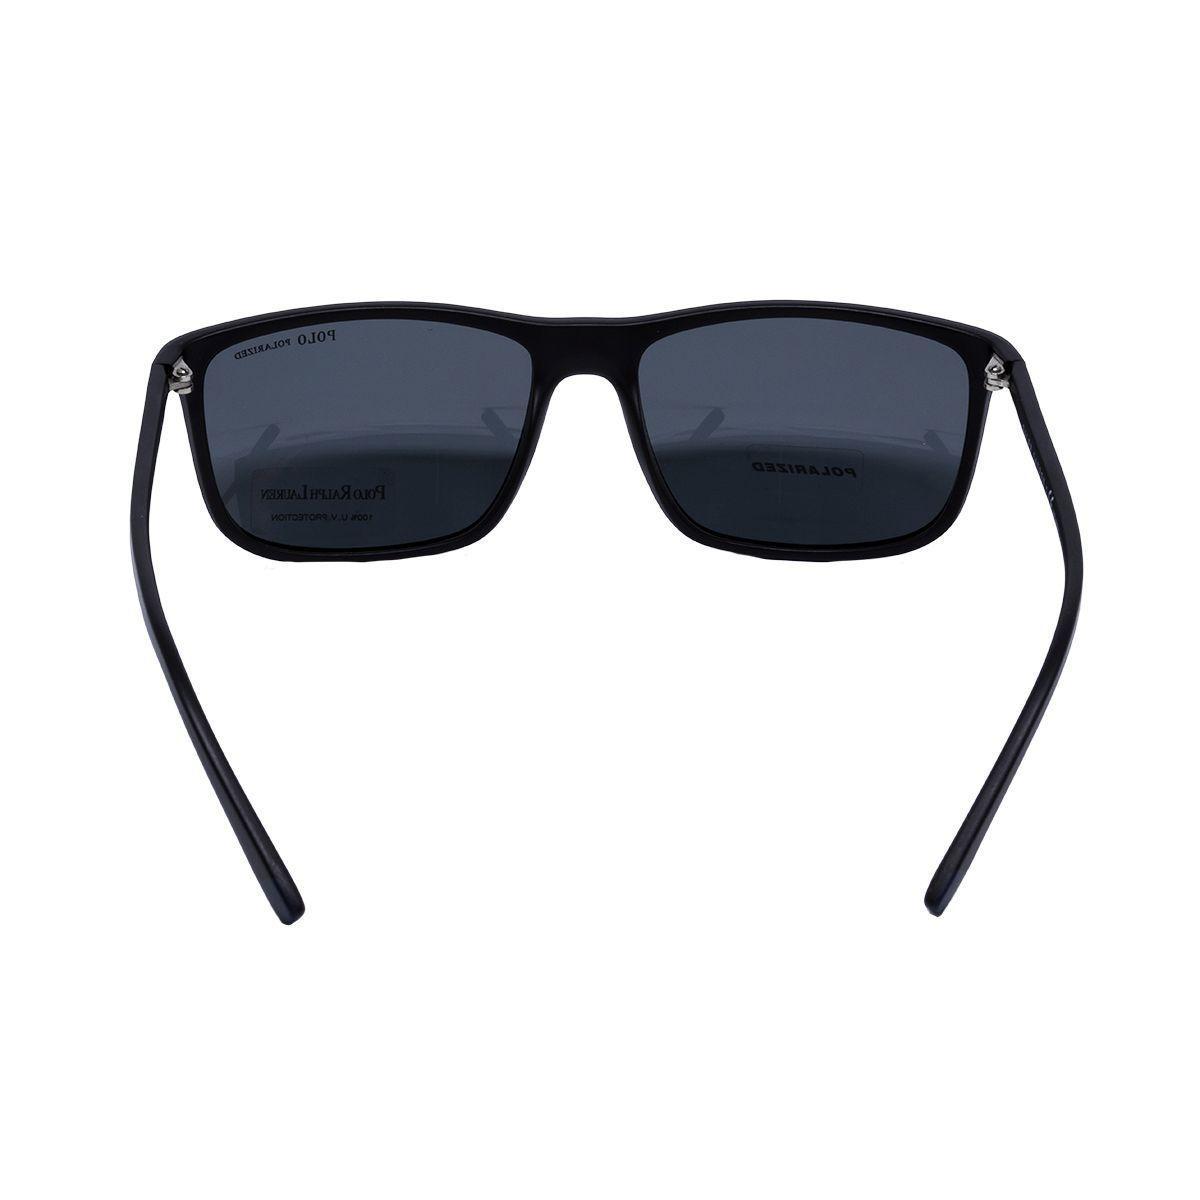 9c21b5b83e9f0 Óculos de Sol Polo Ralph Lauren Polarizado PH4115 560881 - Acetato Preto e Lente  Cinza R  654